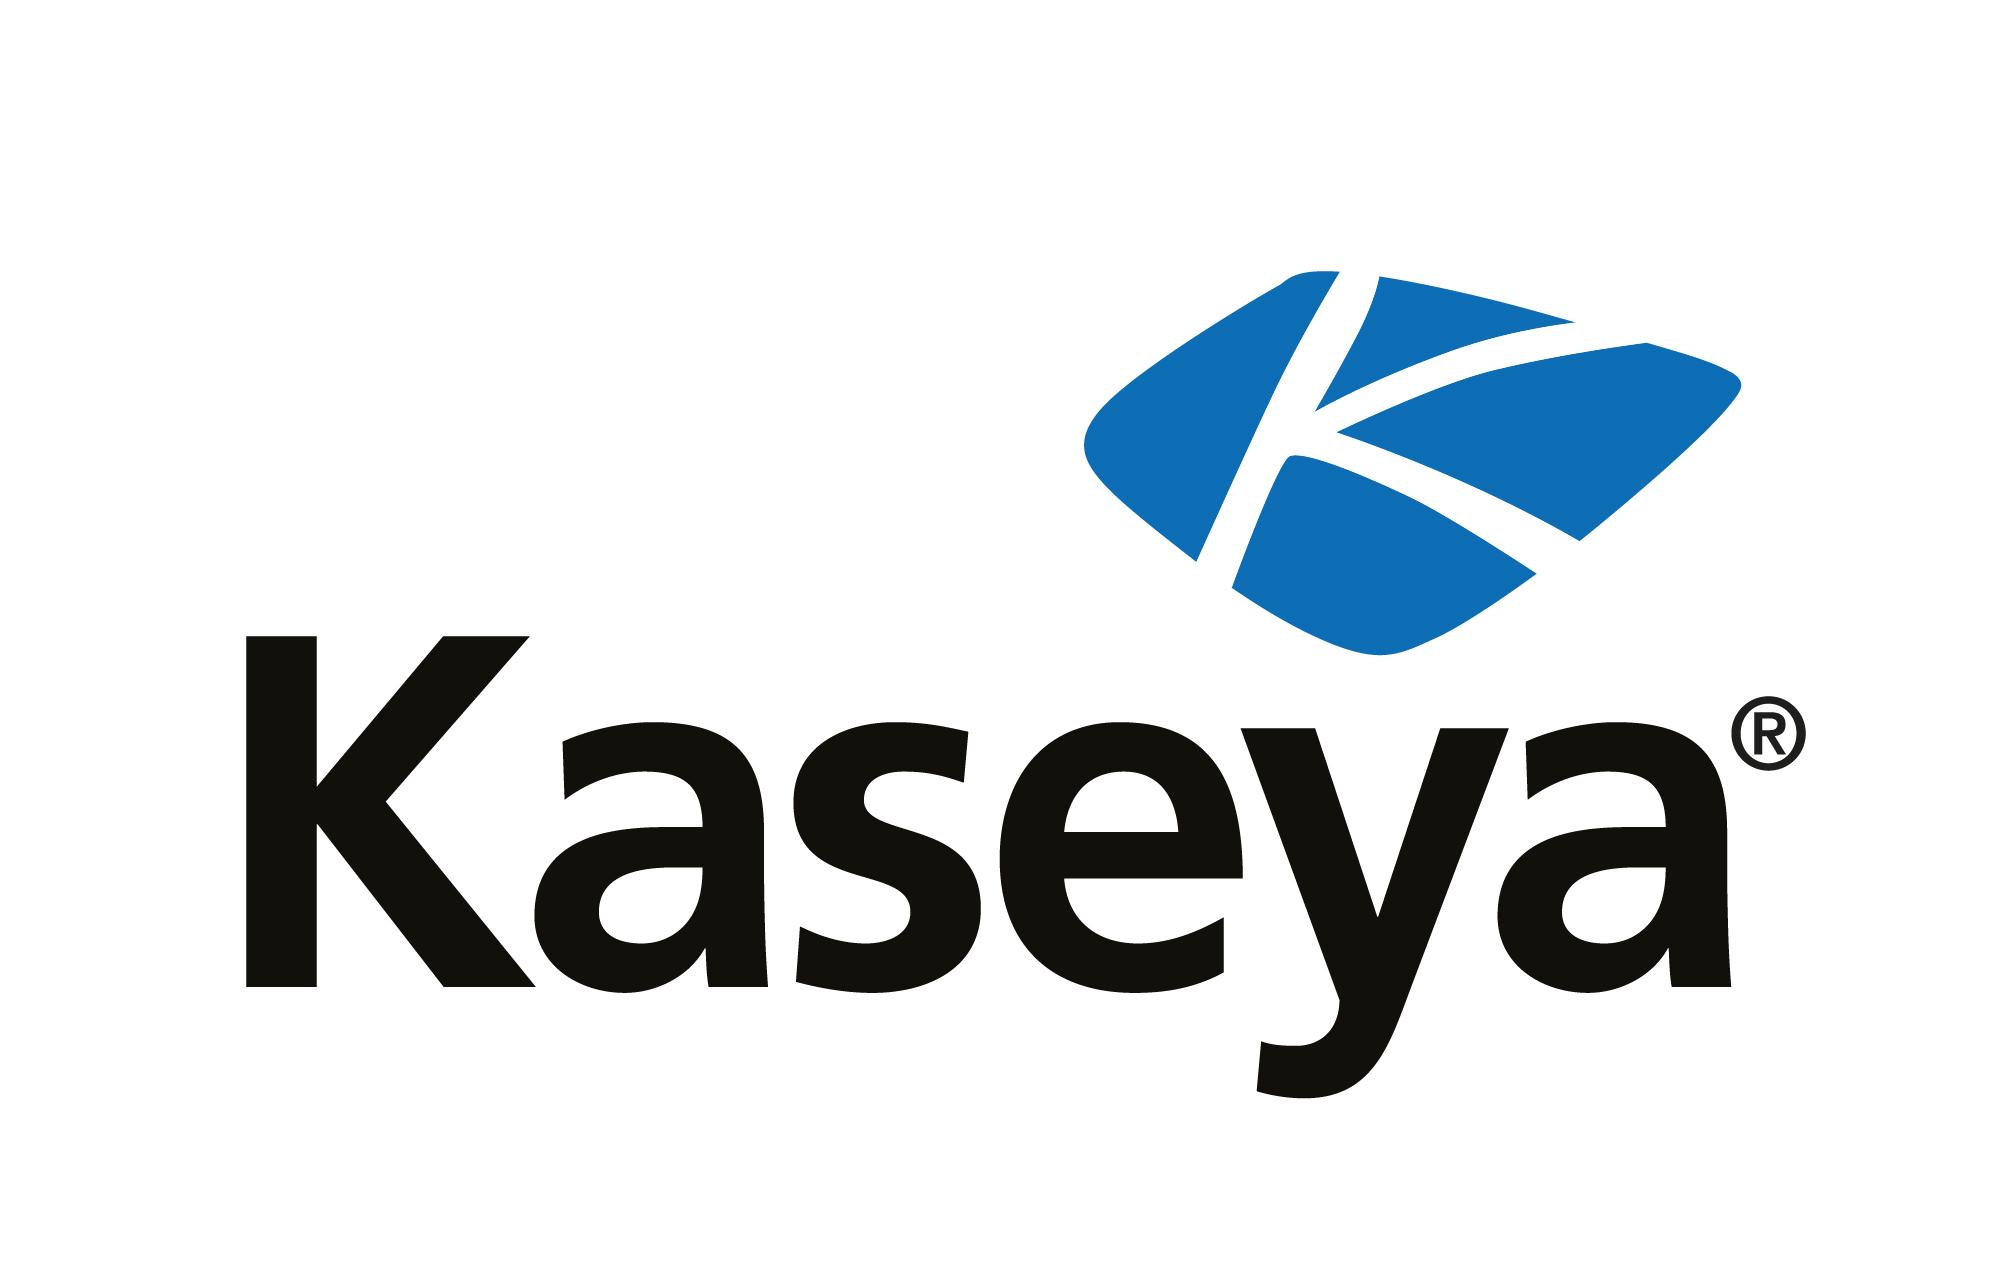 Kaseya-Studie zur IT in KMU: Modernisierung der IT stagniert, Bedarf an IT-Management nimmt zu